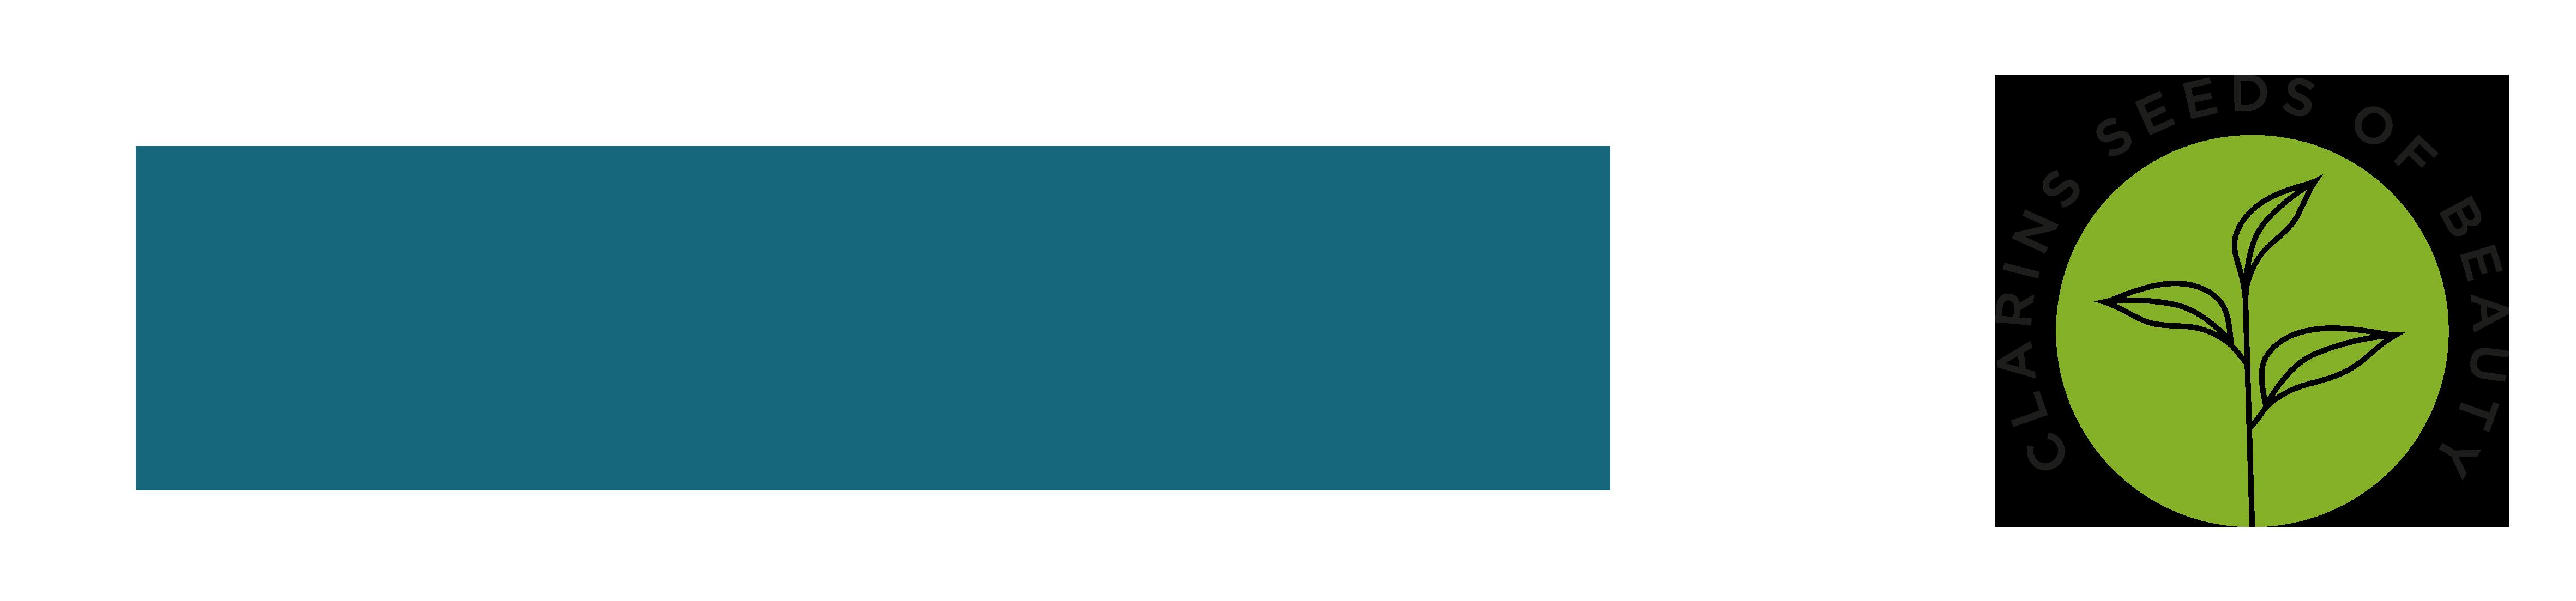 pur porject logo